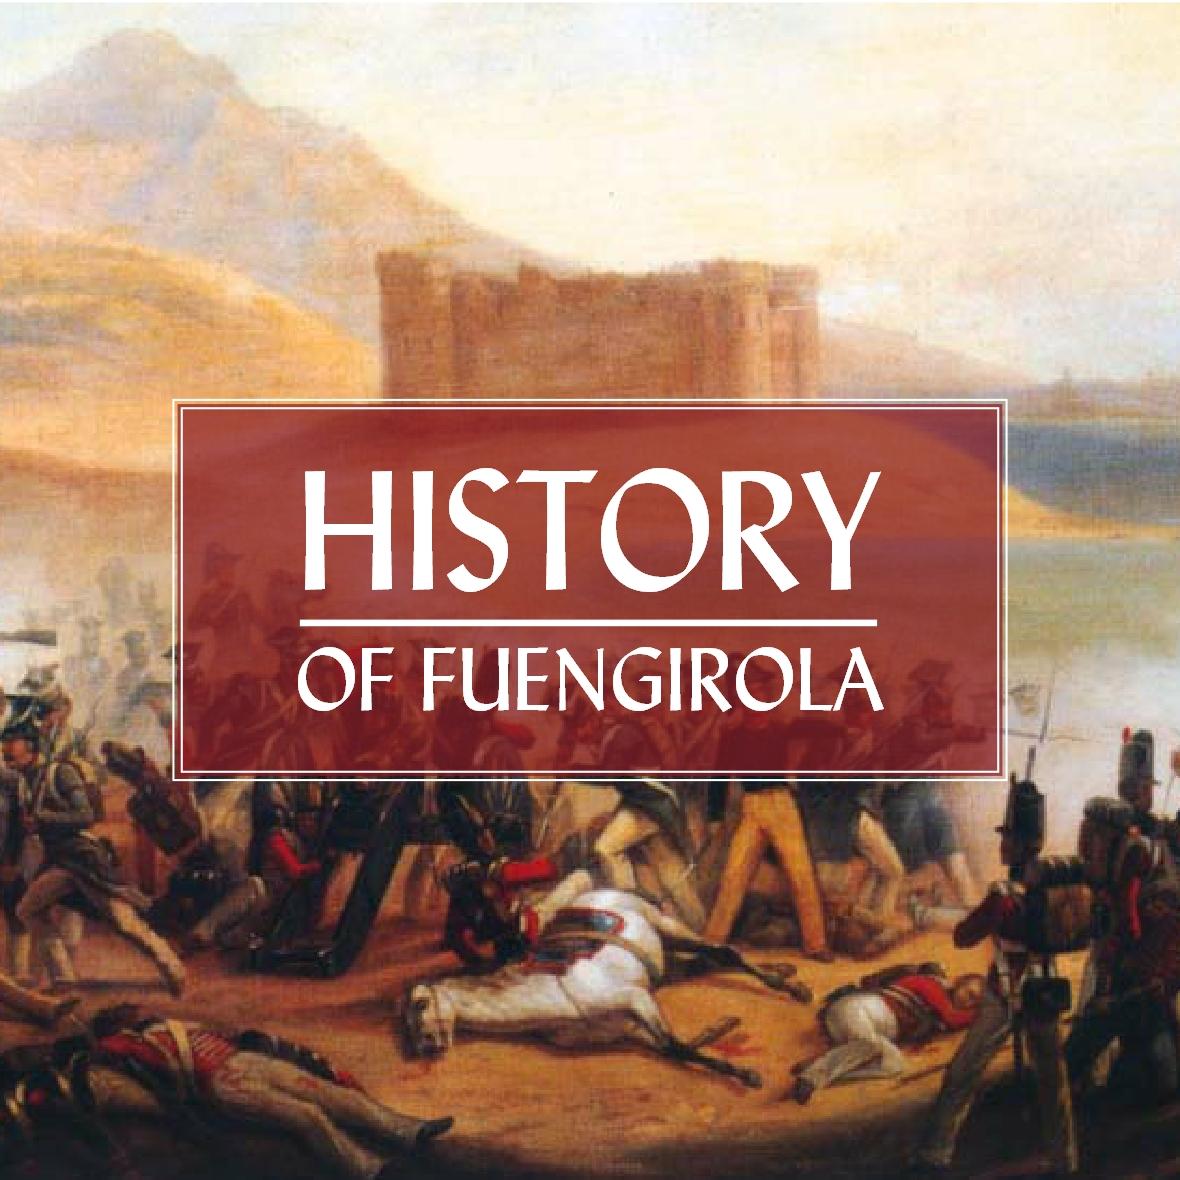 Historia de Fuengirola